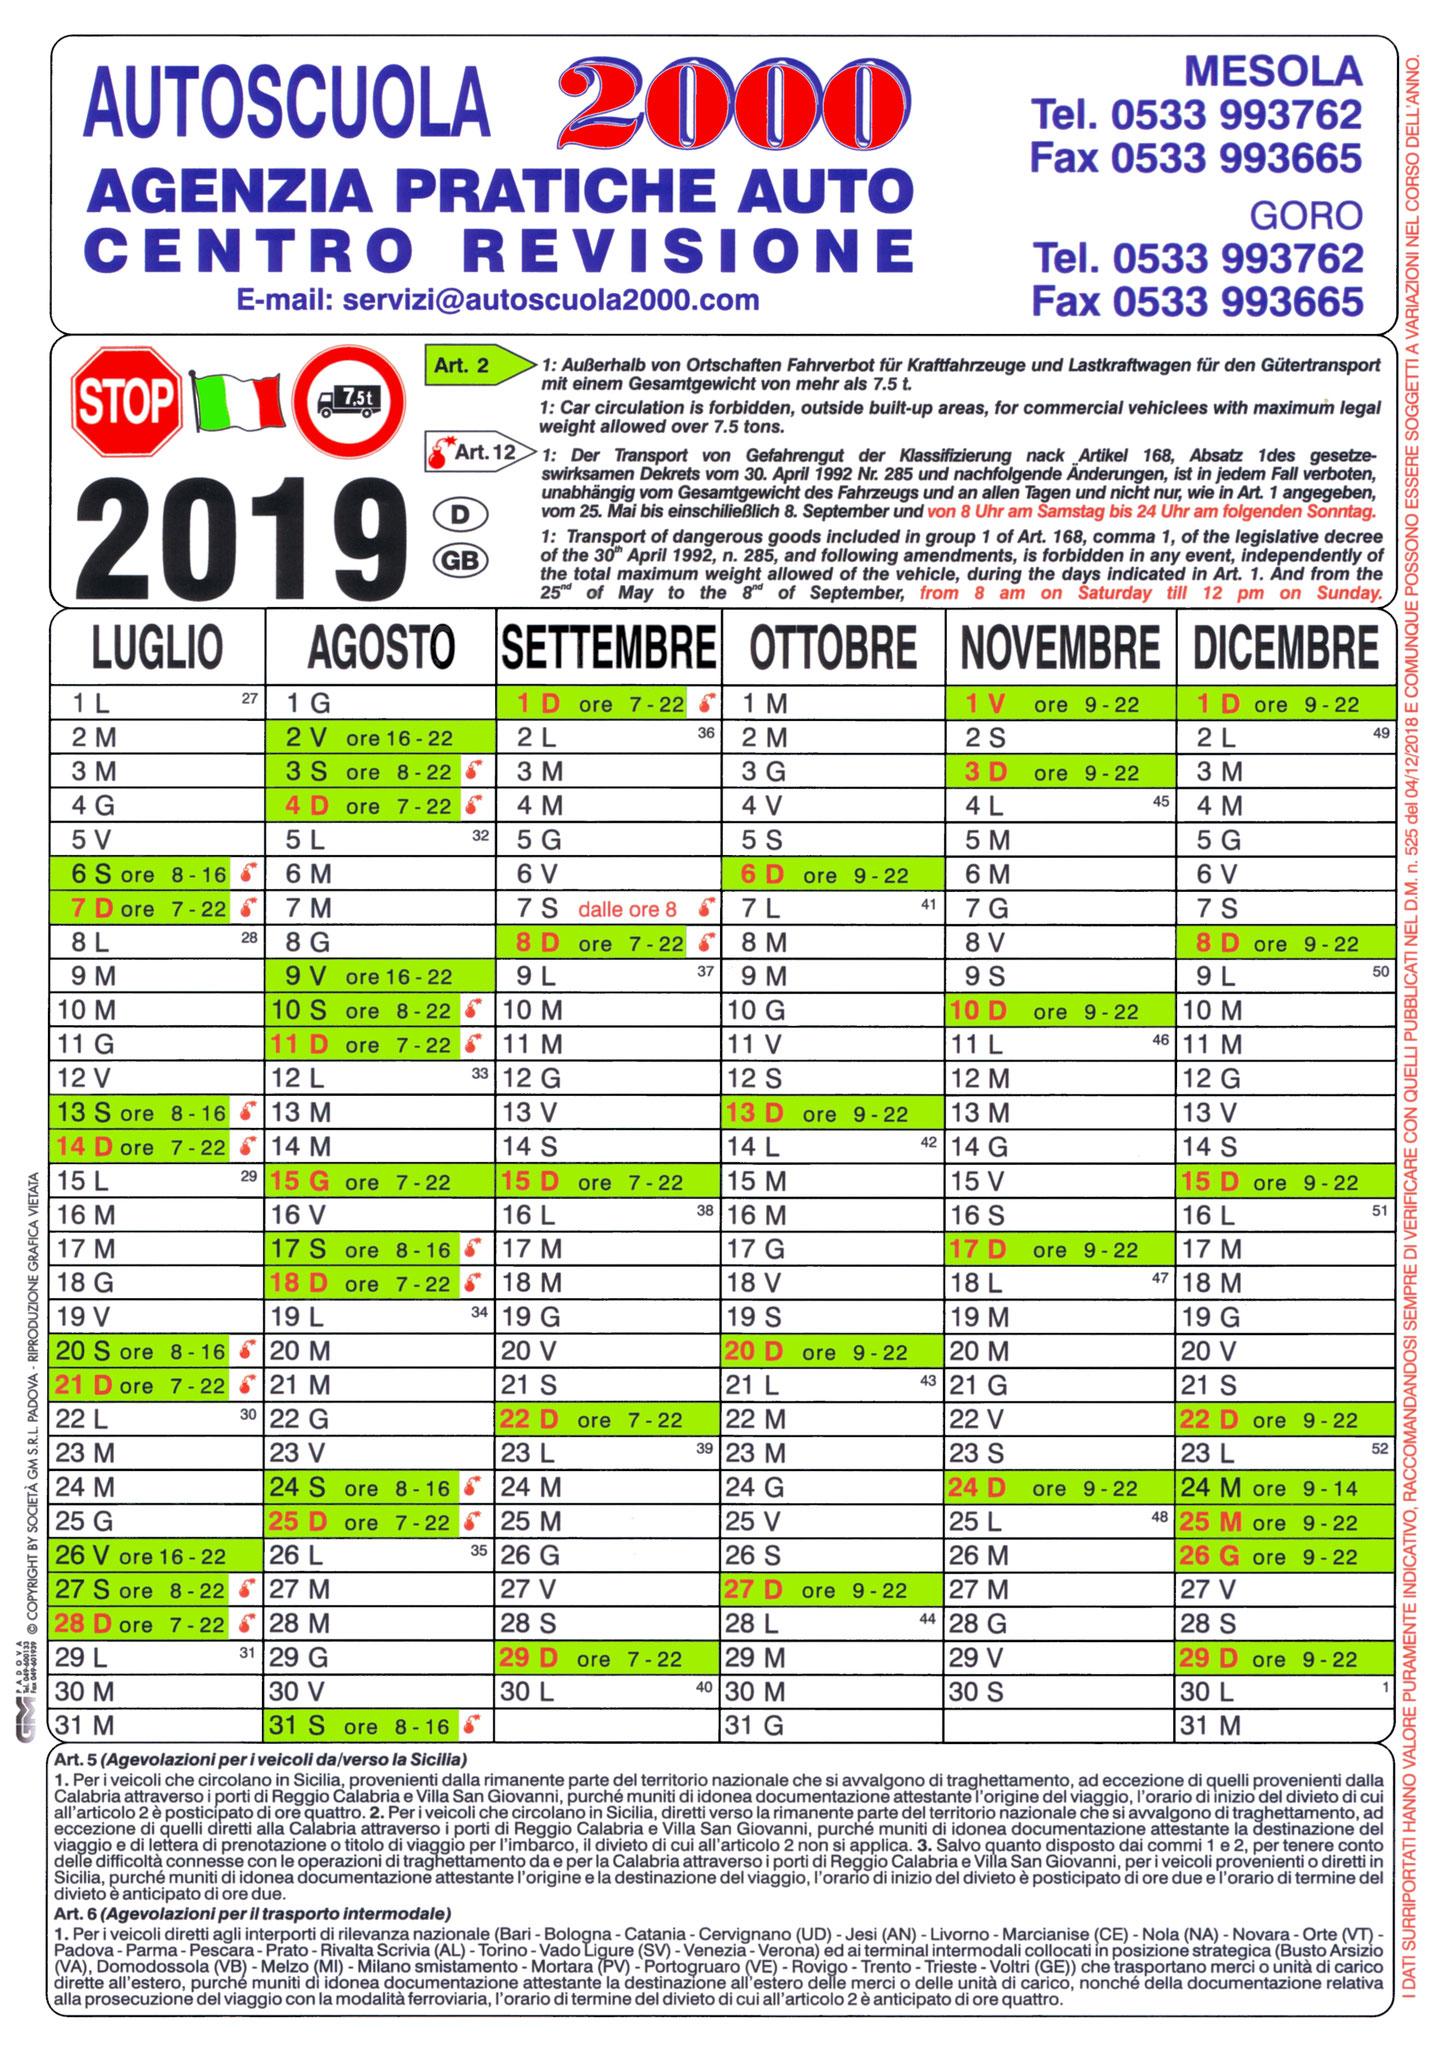 Calendario Divieto Circolazione Mezzi Pesanti.Calendario Divieti 2019 Benvenuti Su Aautoscuola2000